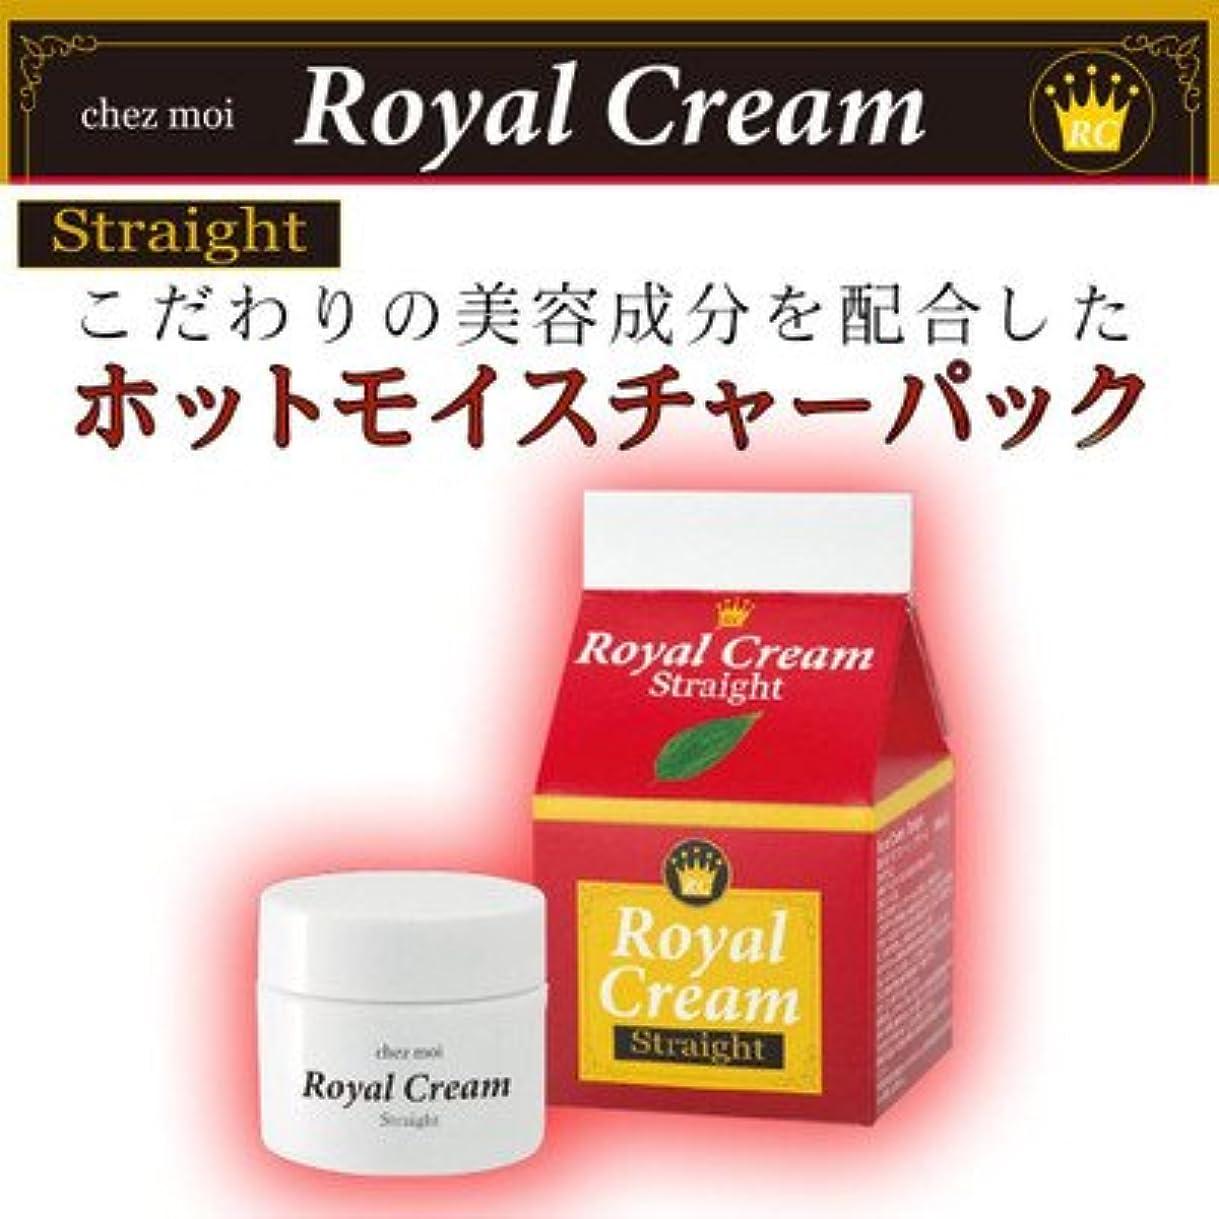 奇跡ピーブピック99%以上植物由来美容成分配合の 温感保湿パック Royal Cream ロイヤルクリーム Straight ストレート モイスチャーパック 30g